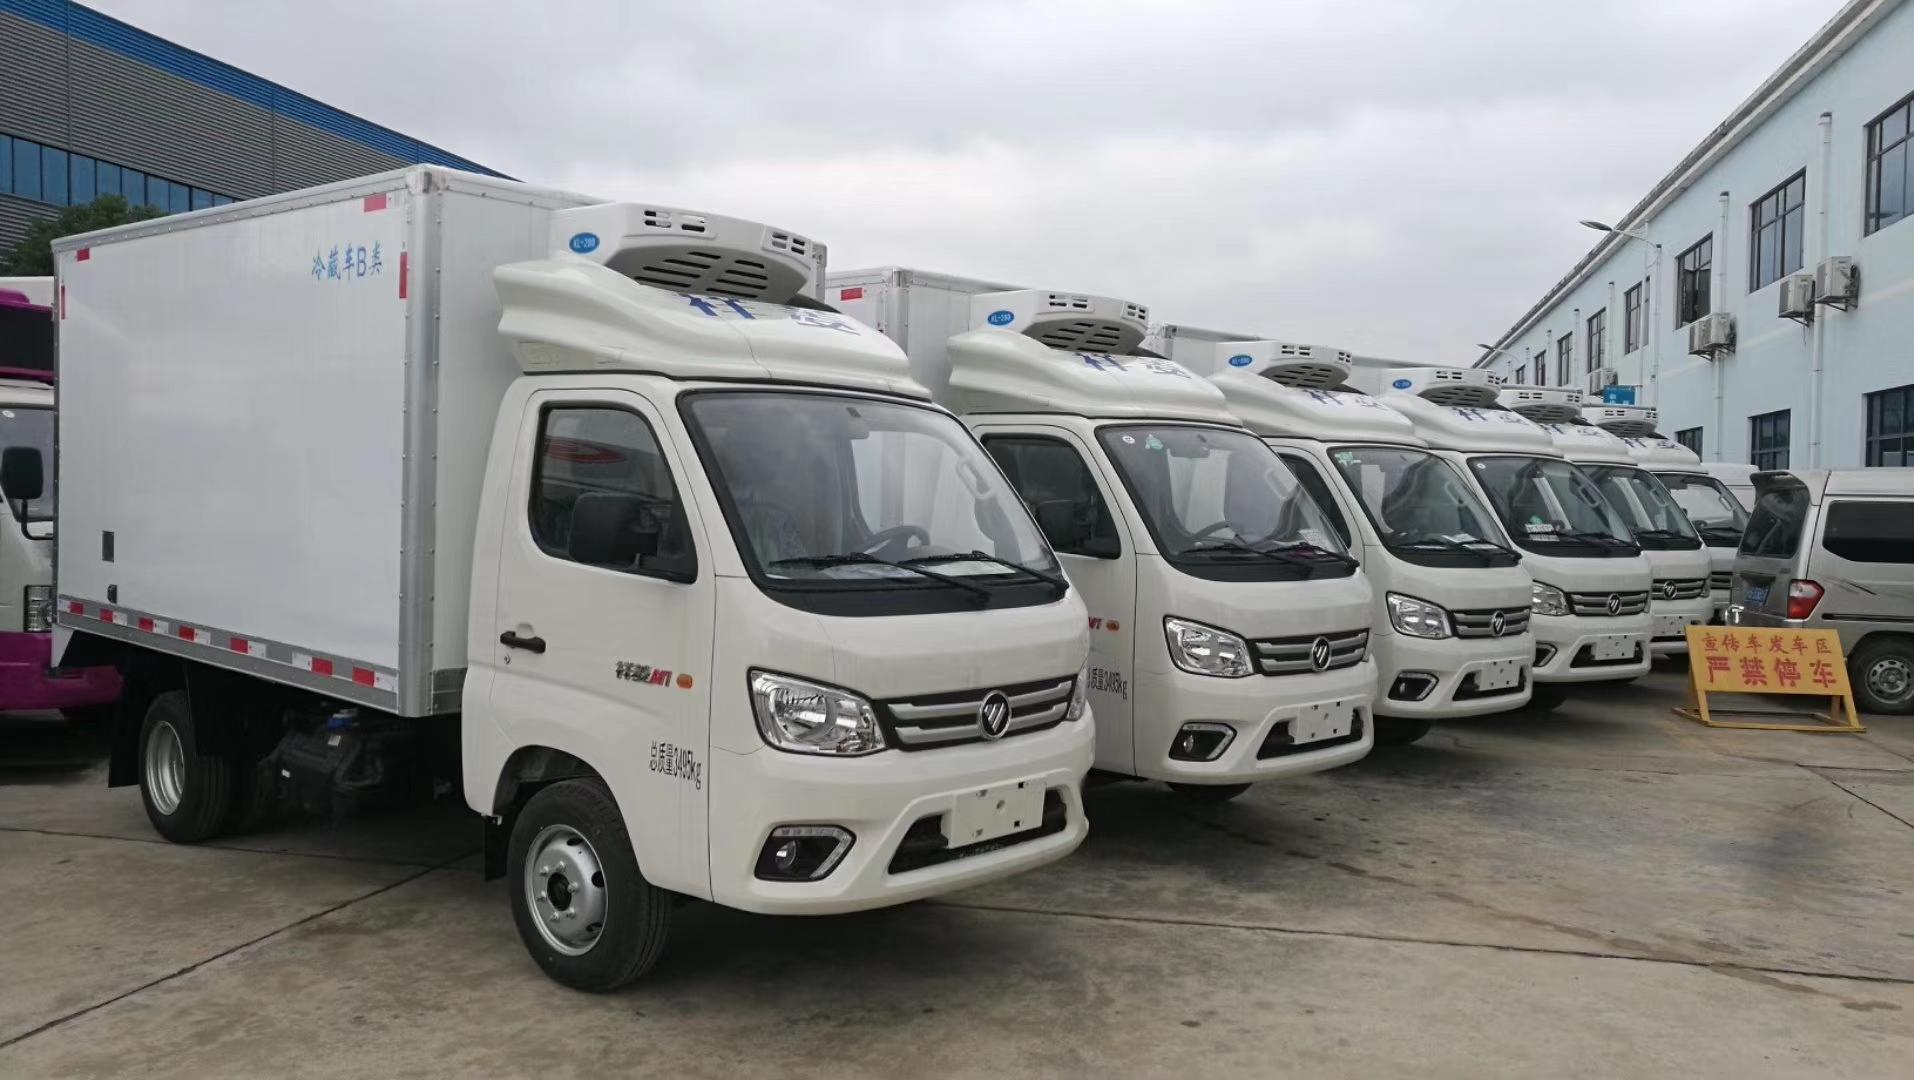 全新国五小型厢式冷藏车价格五万元厂家年底现车大促销